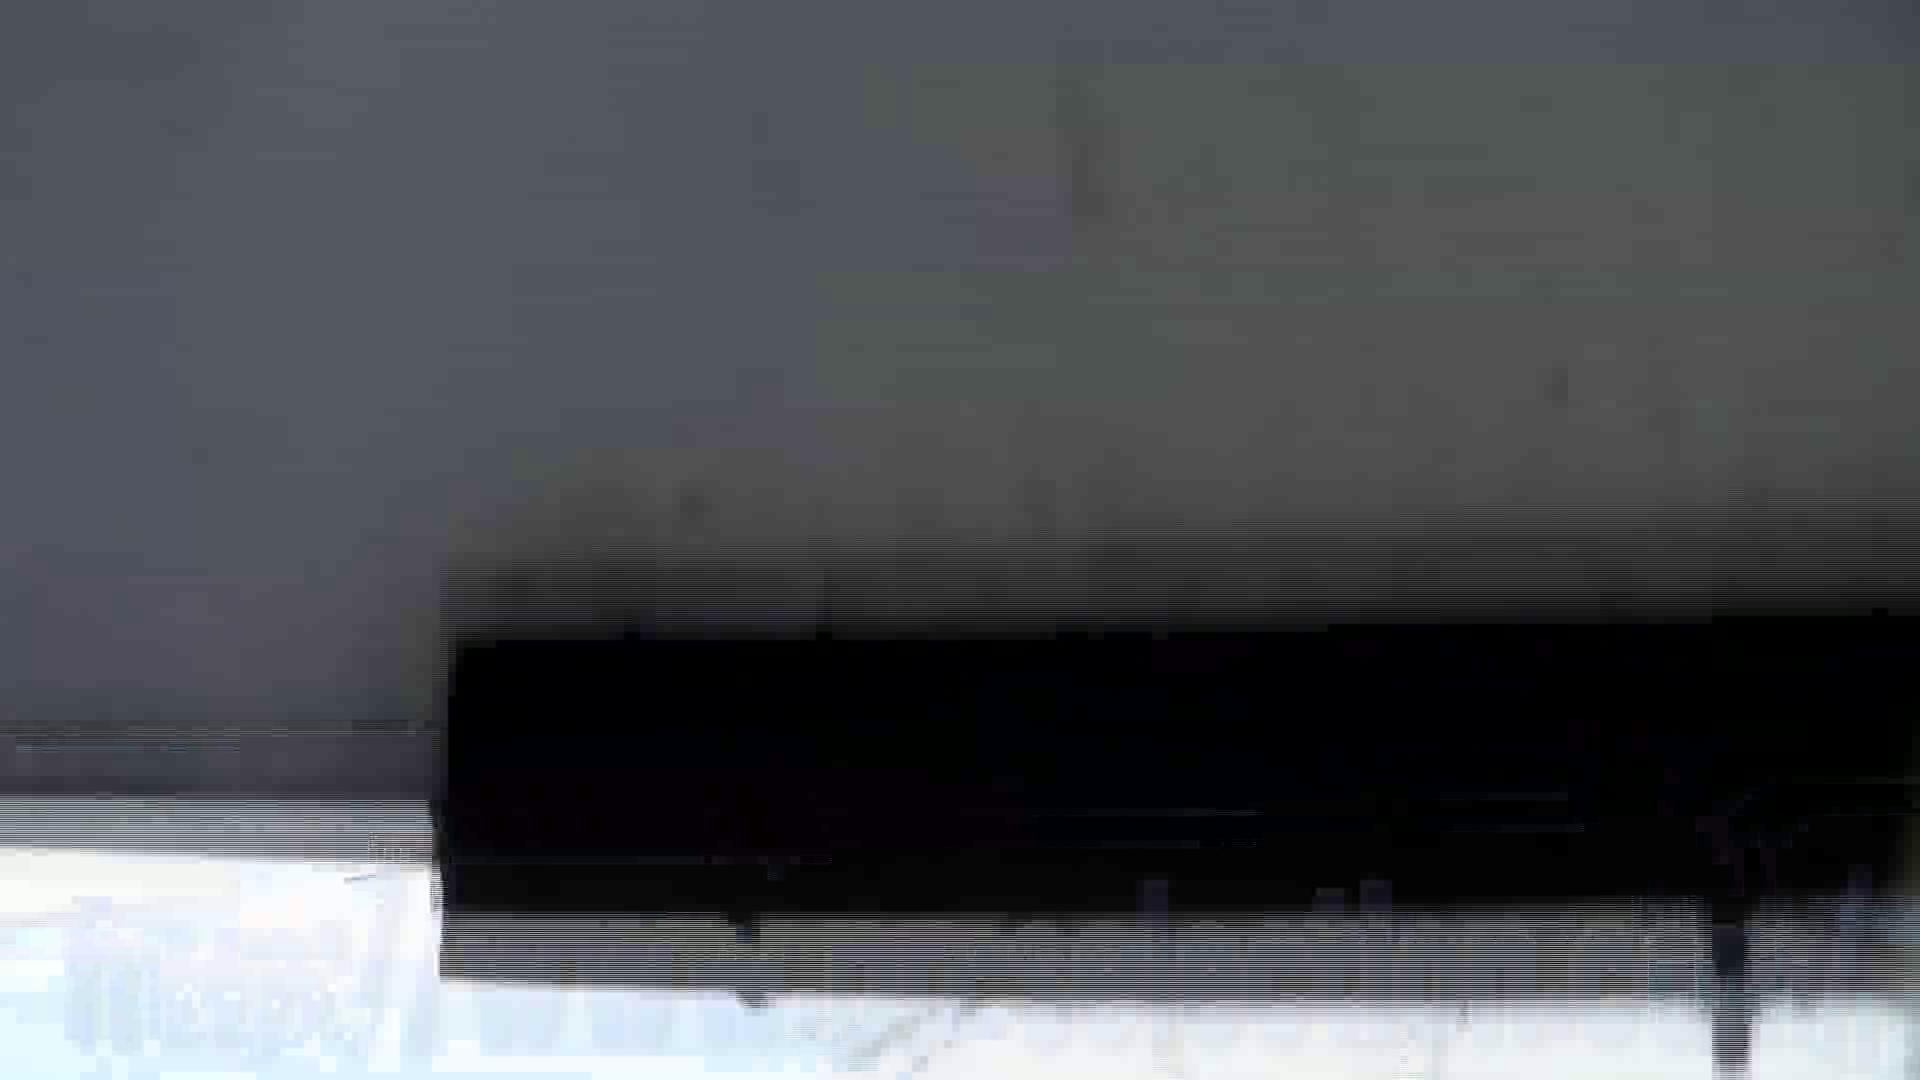 なんだこれVol.15 新しいアングル!! テクニック  34Pix 4